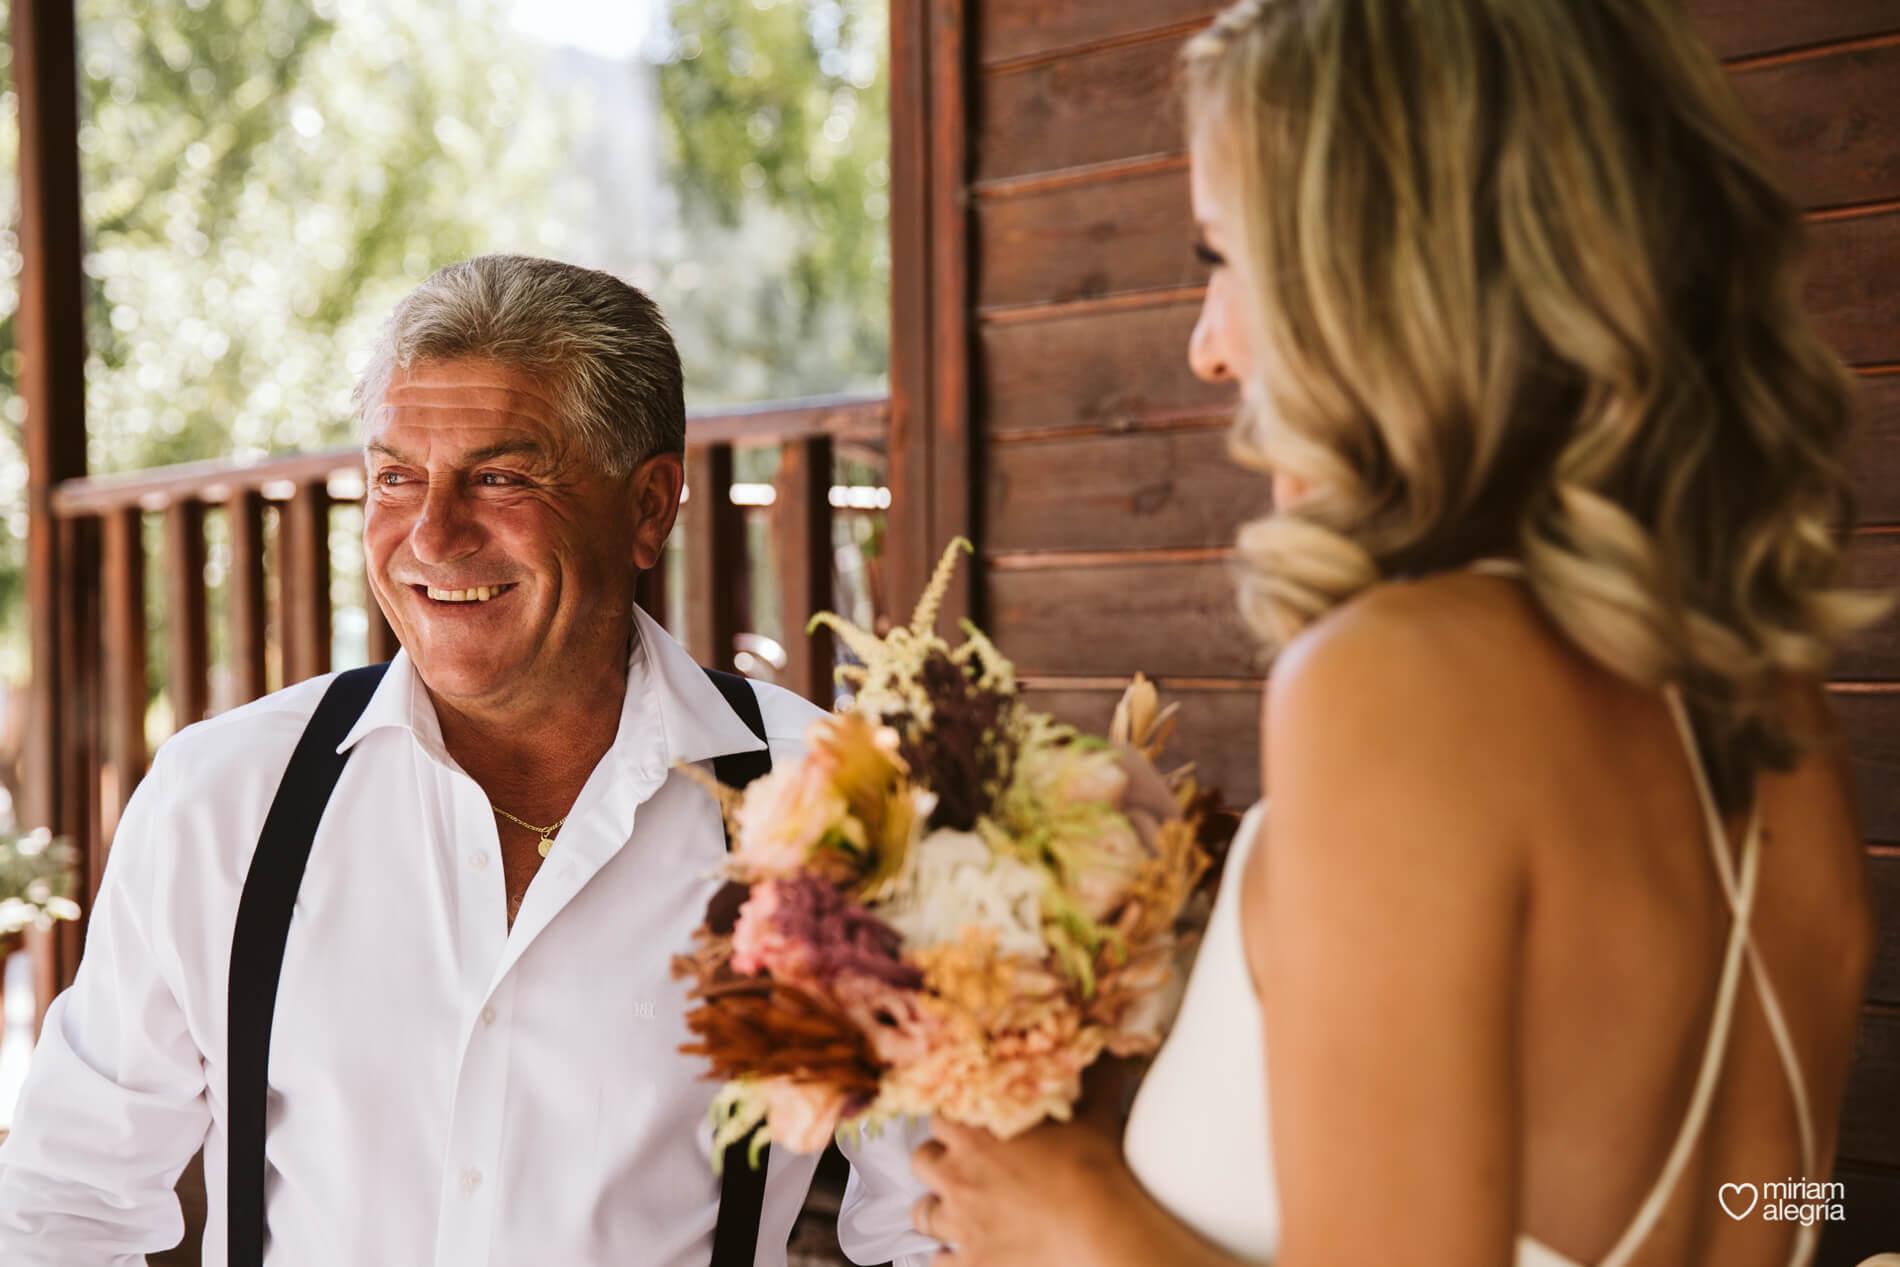 boda-en-collados-miriam-alegria-cayetana-ferrer-9